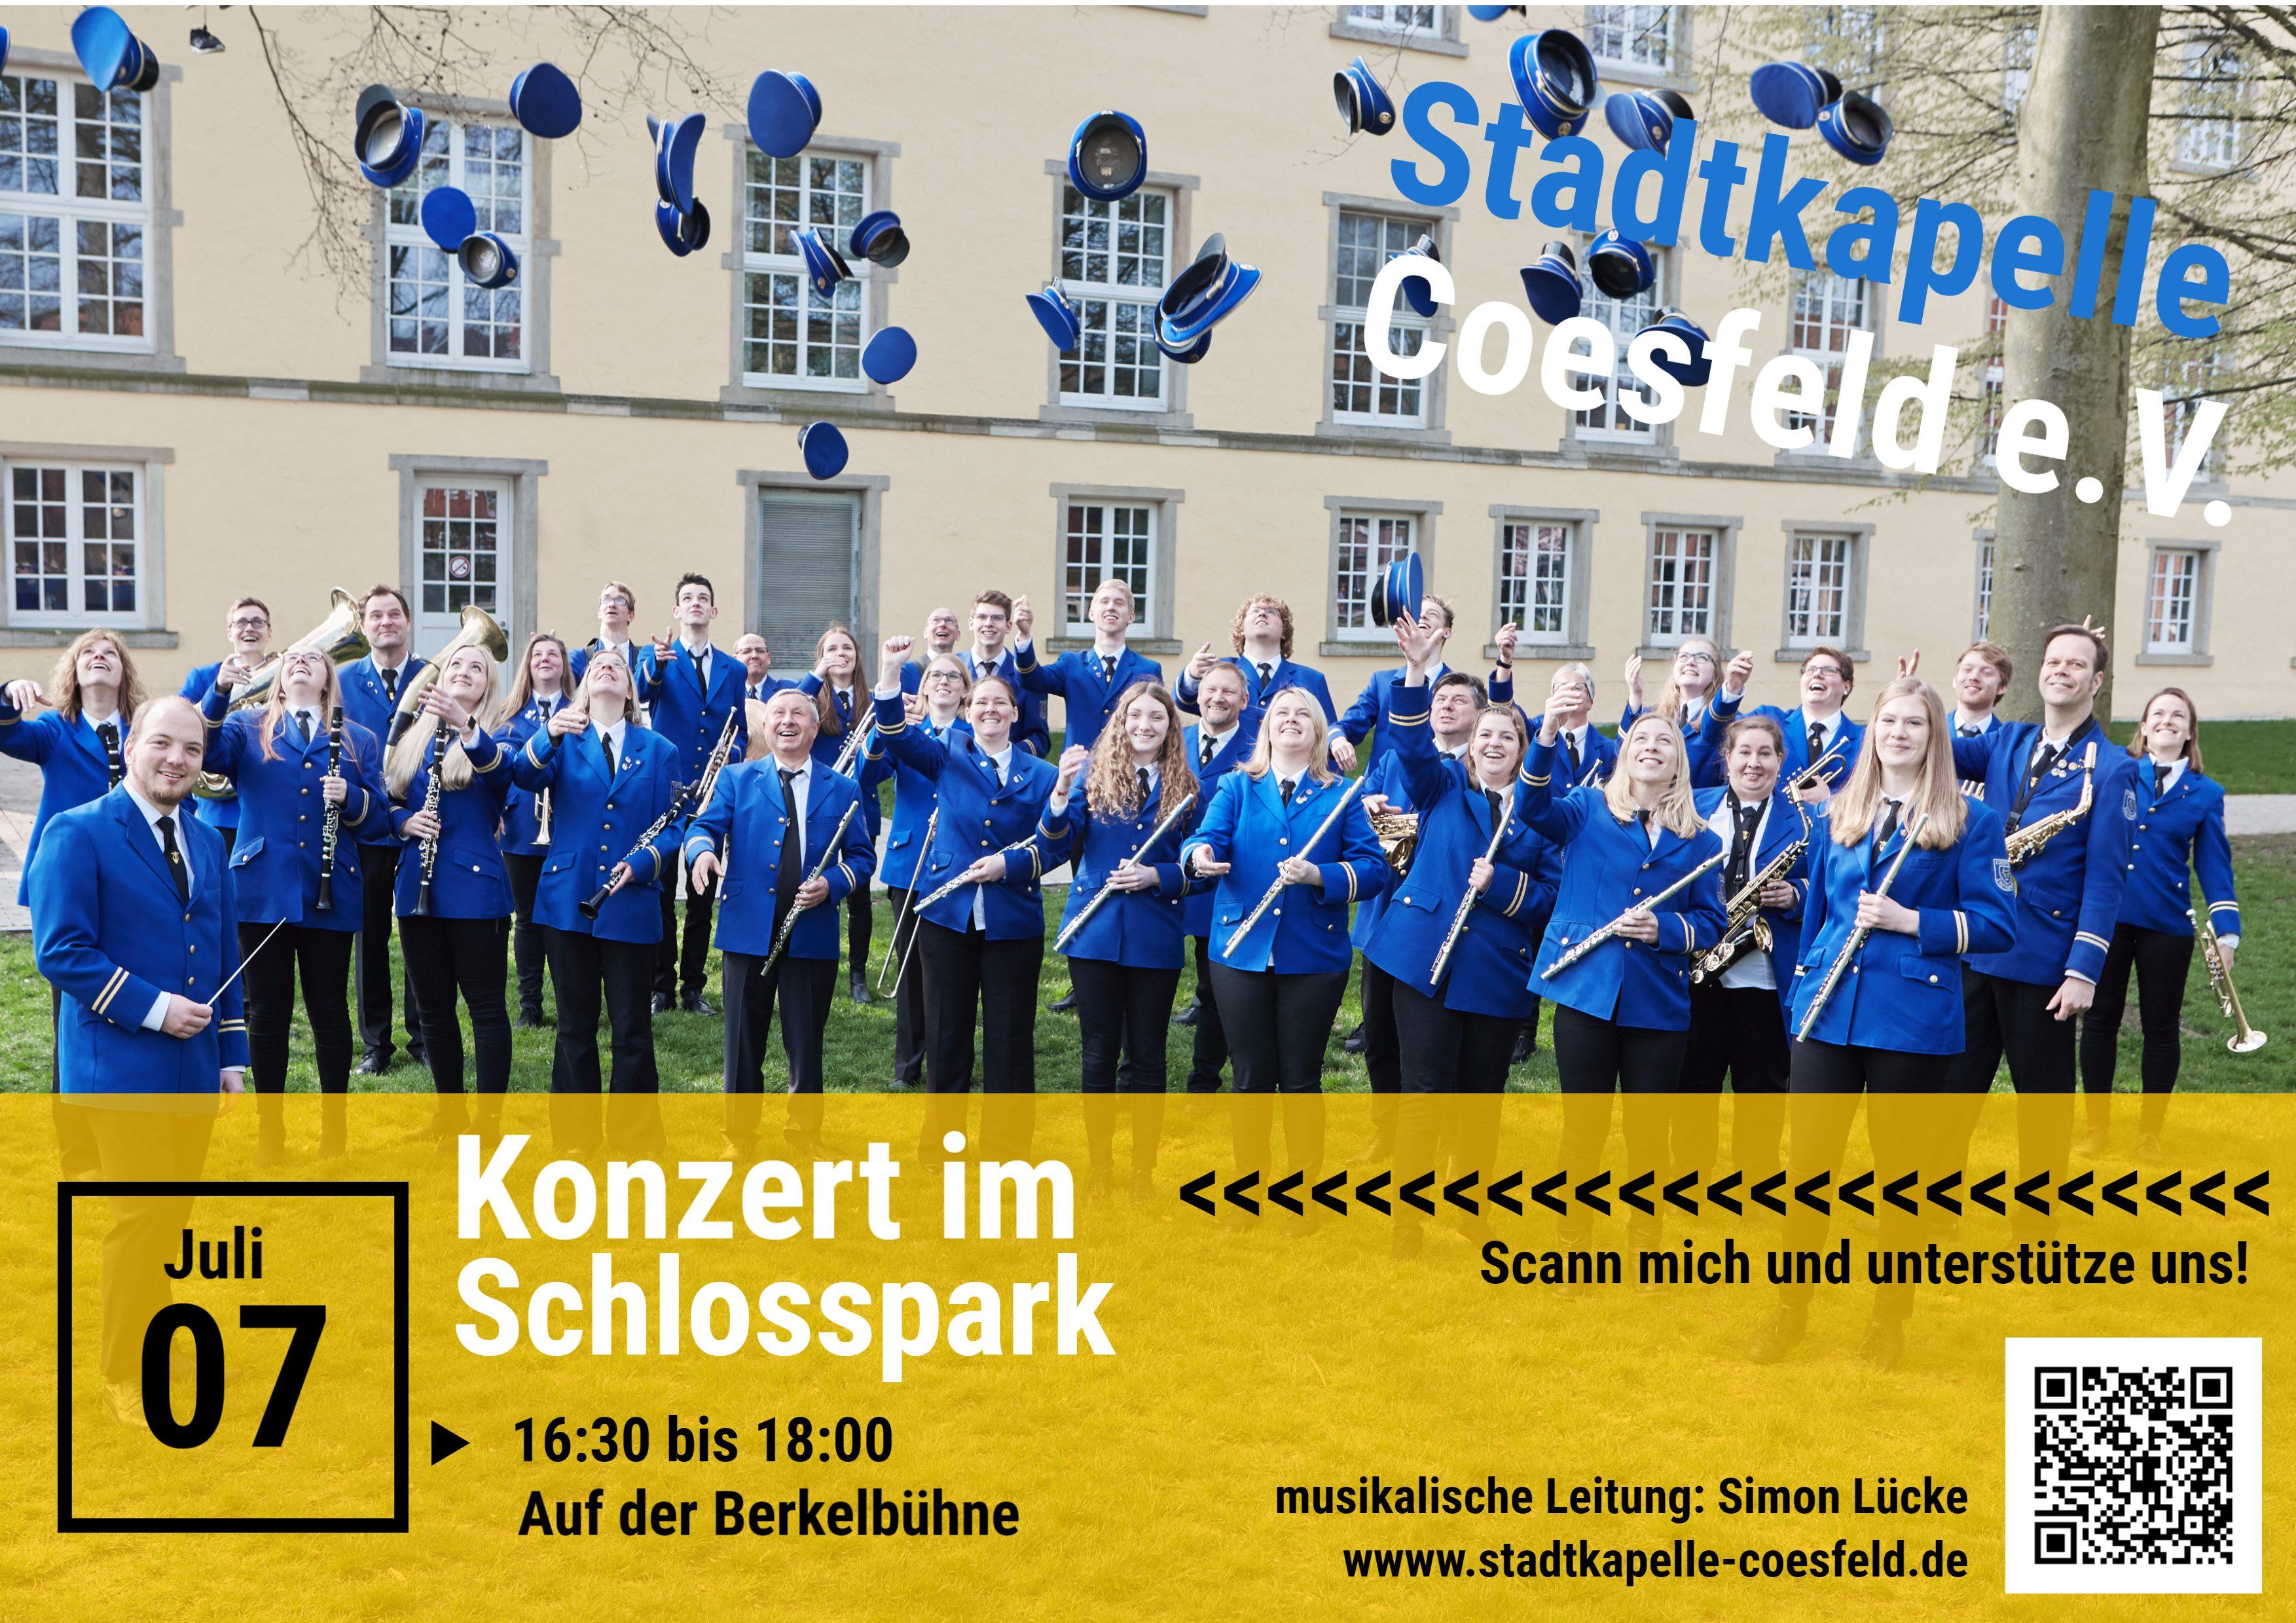 Konzert im Schlosspark am 07.07.2019